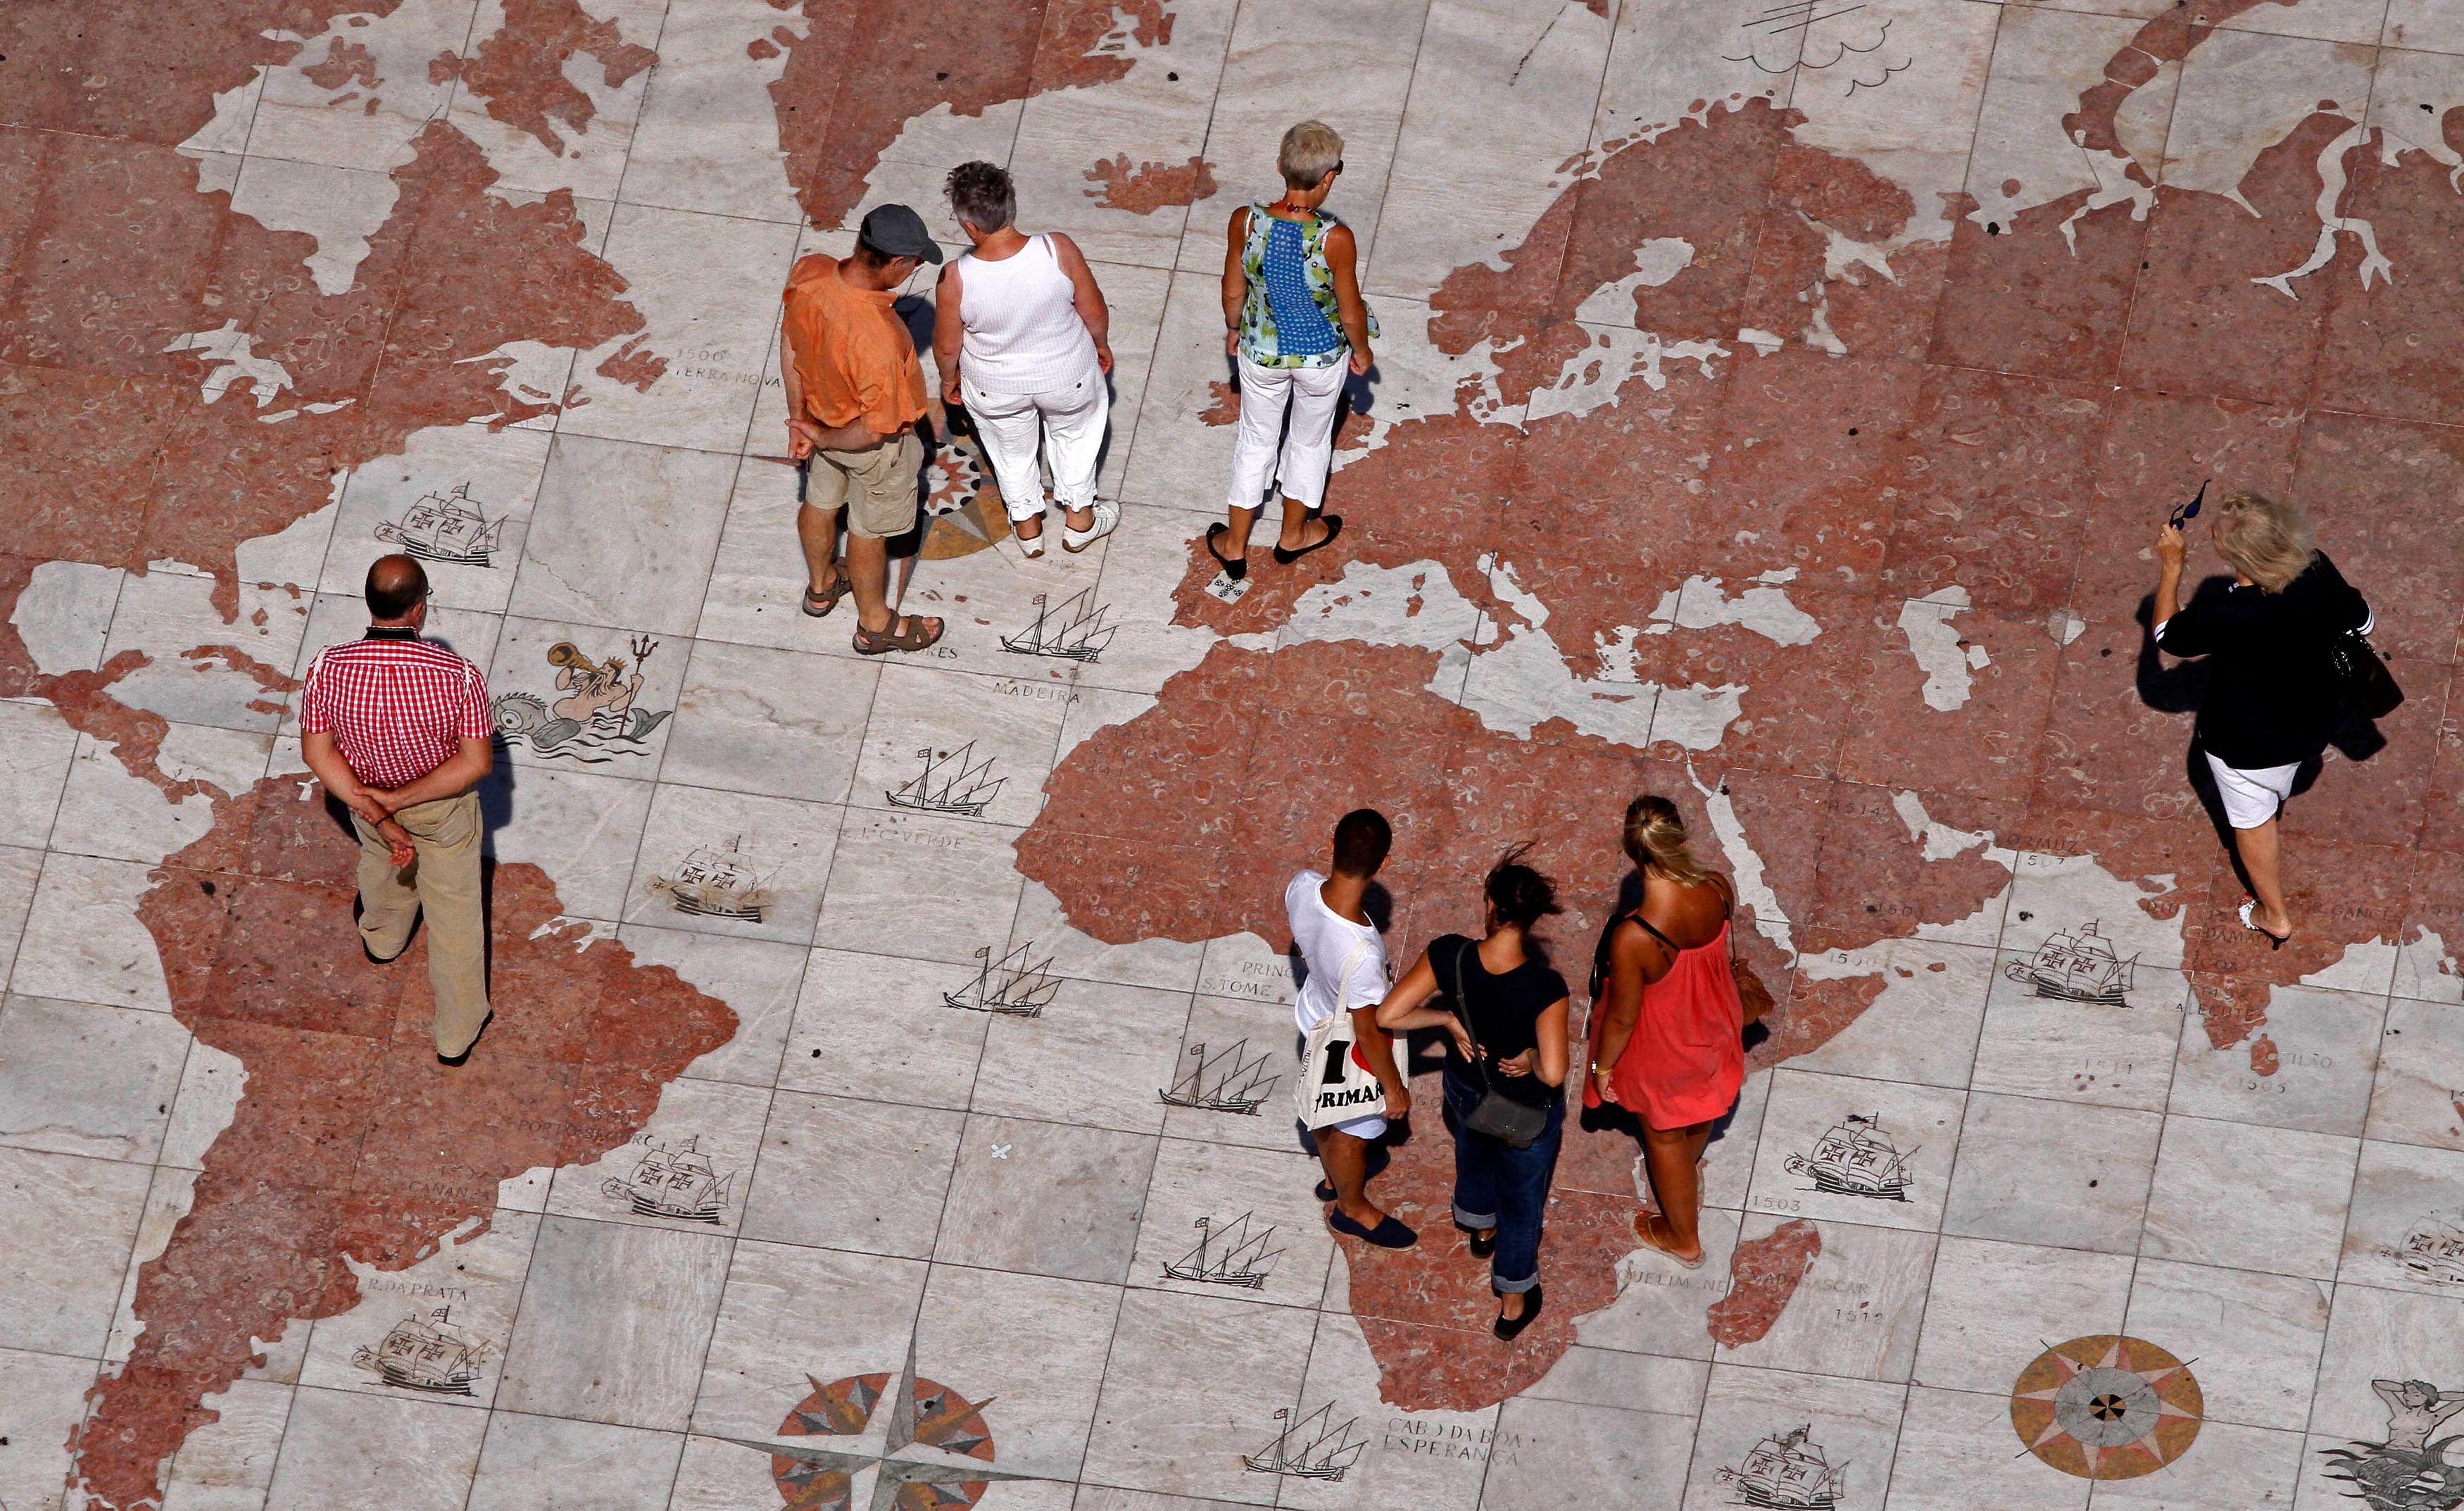 Le sondage du CSA semble faire état d'une méfiance majoritaire des Français à l'égard d'une mondialisation qui leur apparaît destructrice.